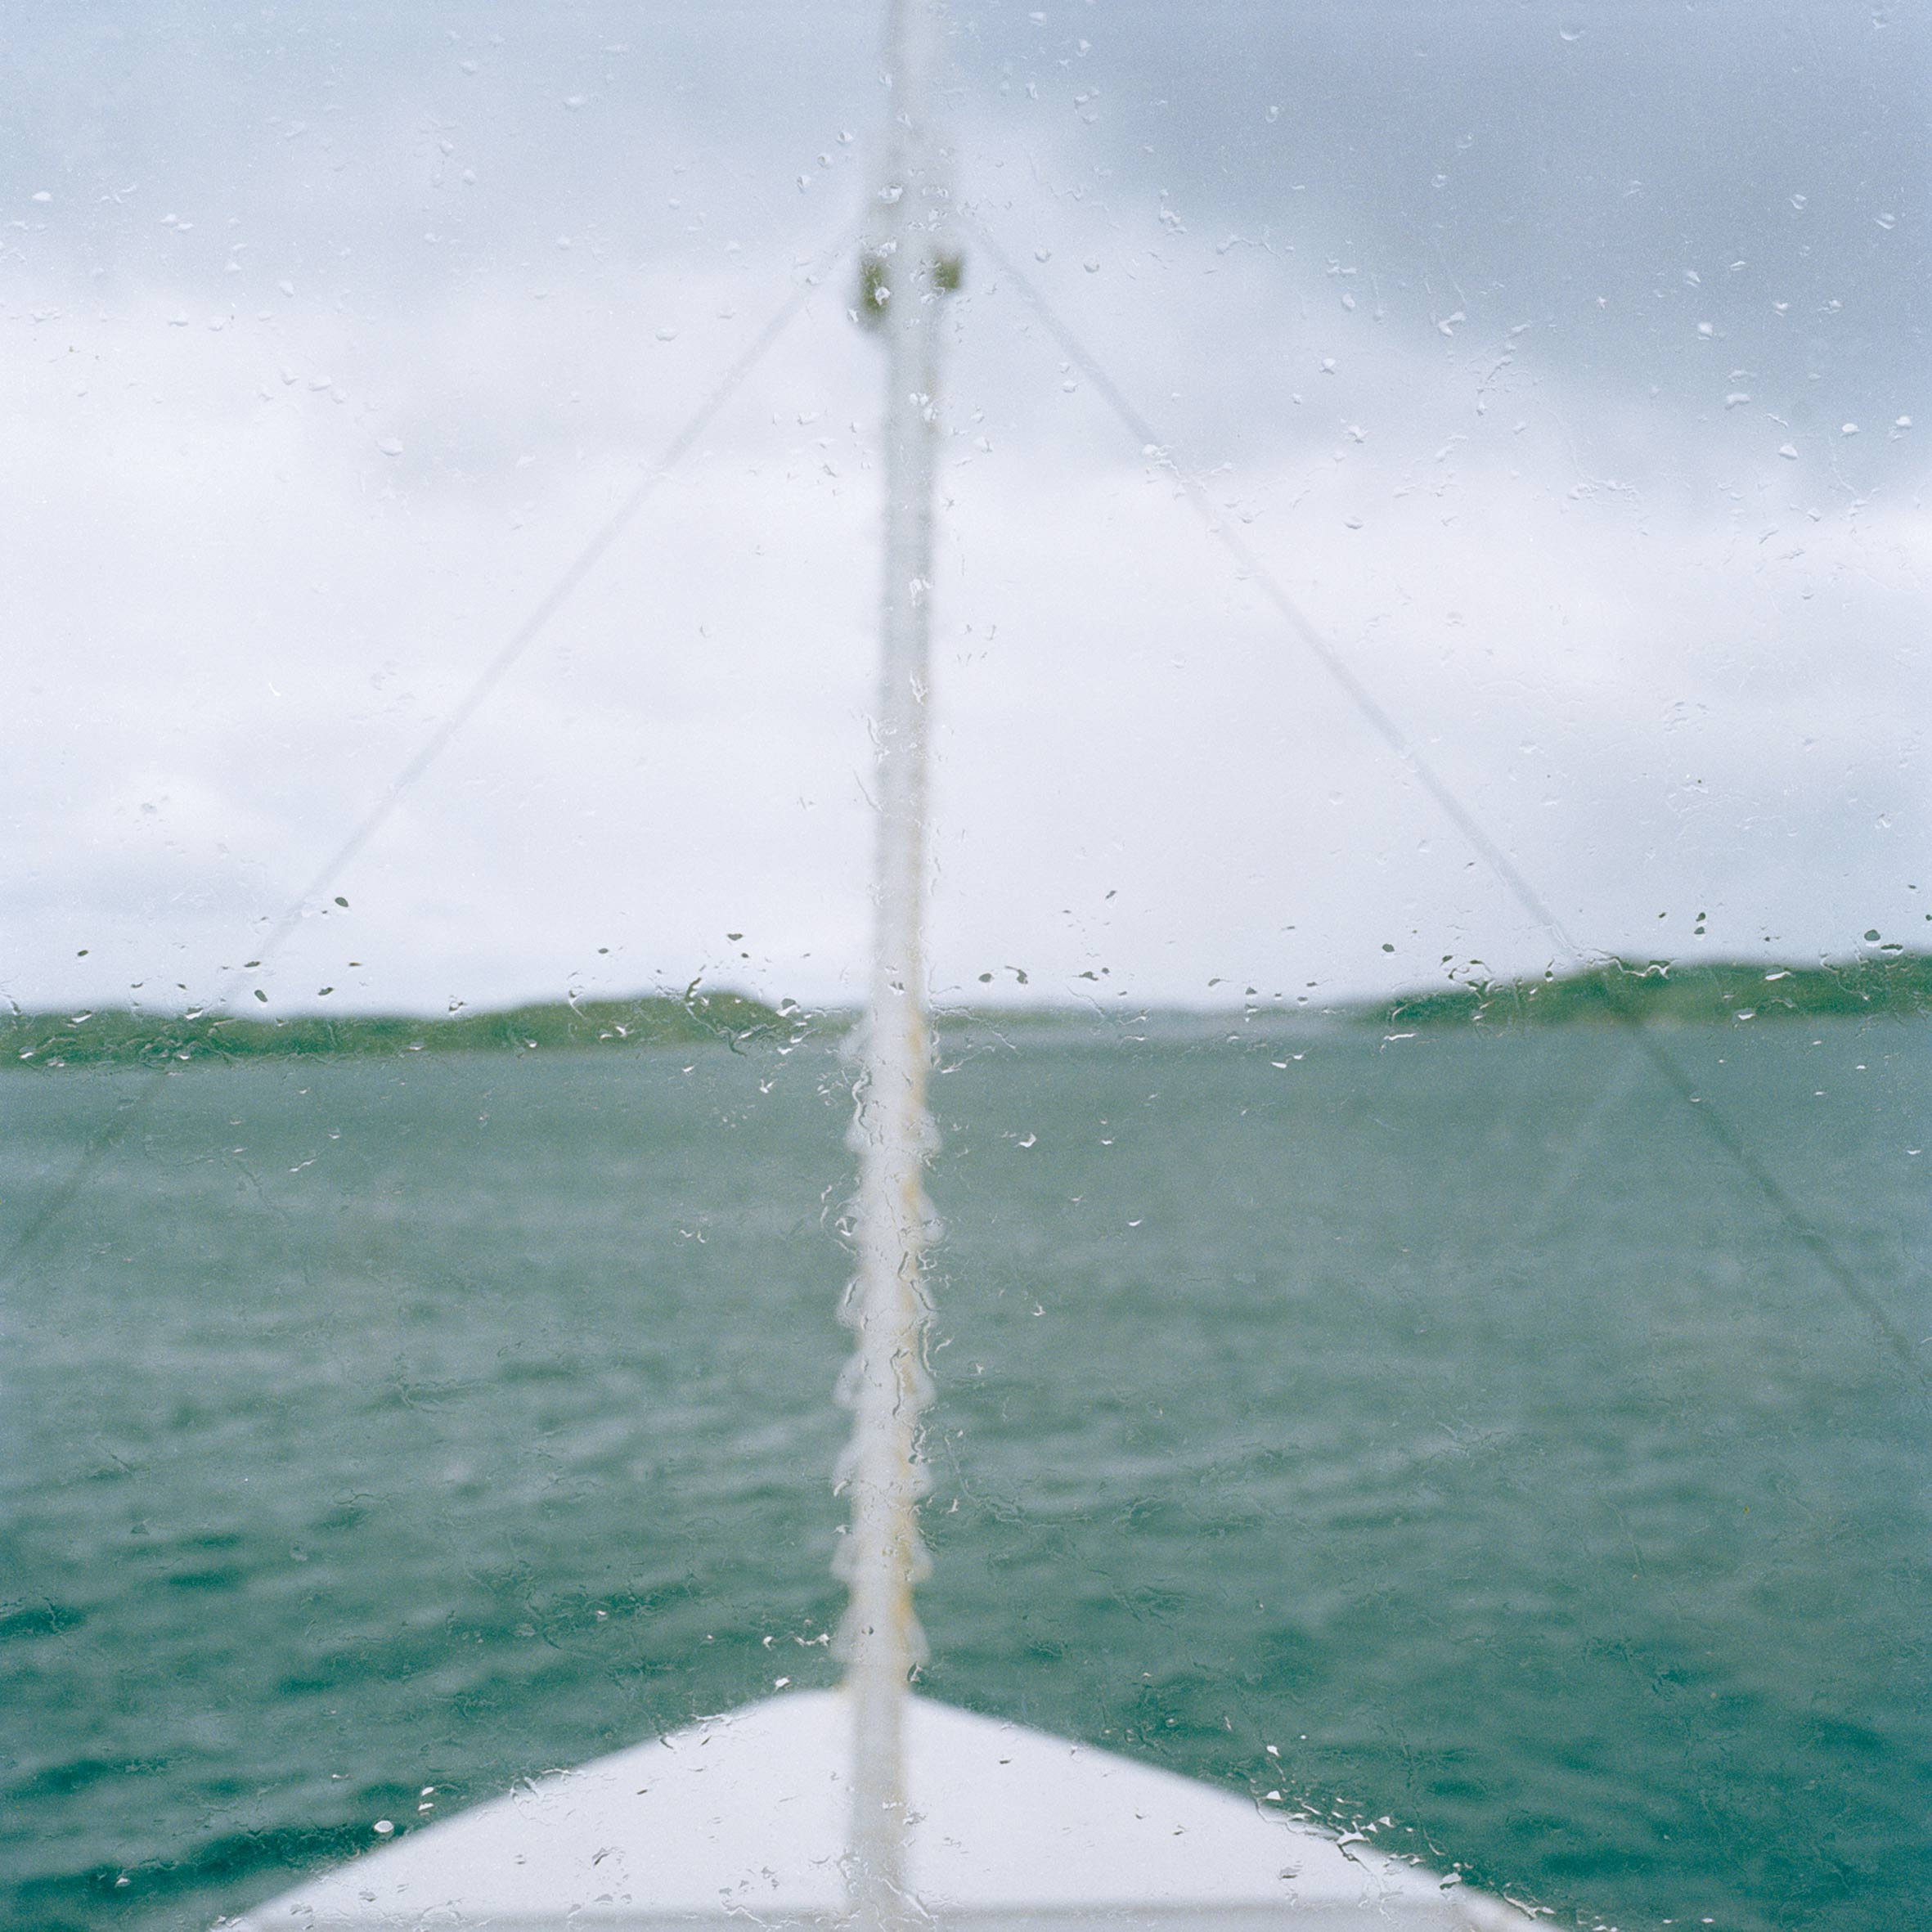 marcher créer, périple autobiographique, territoire du Labrador au Québec, paysage, bateau, mer, fleuve